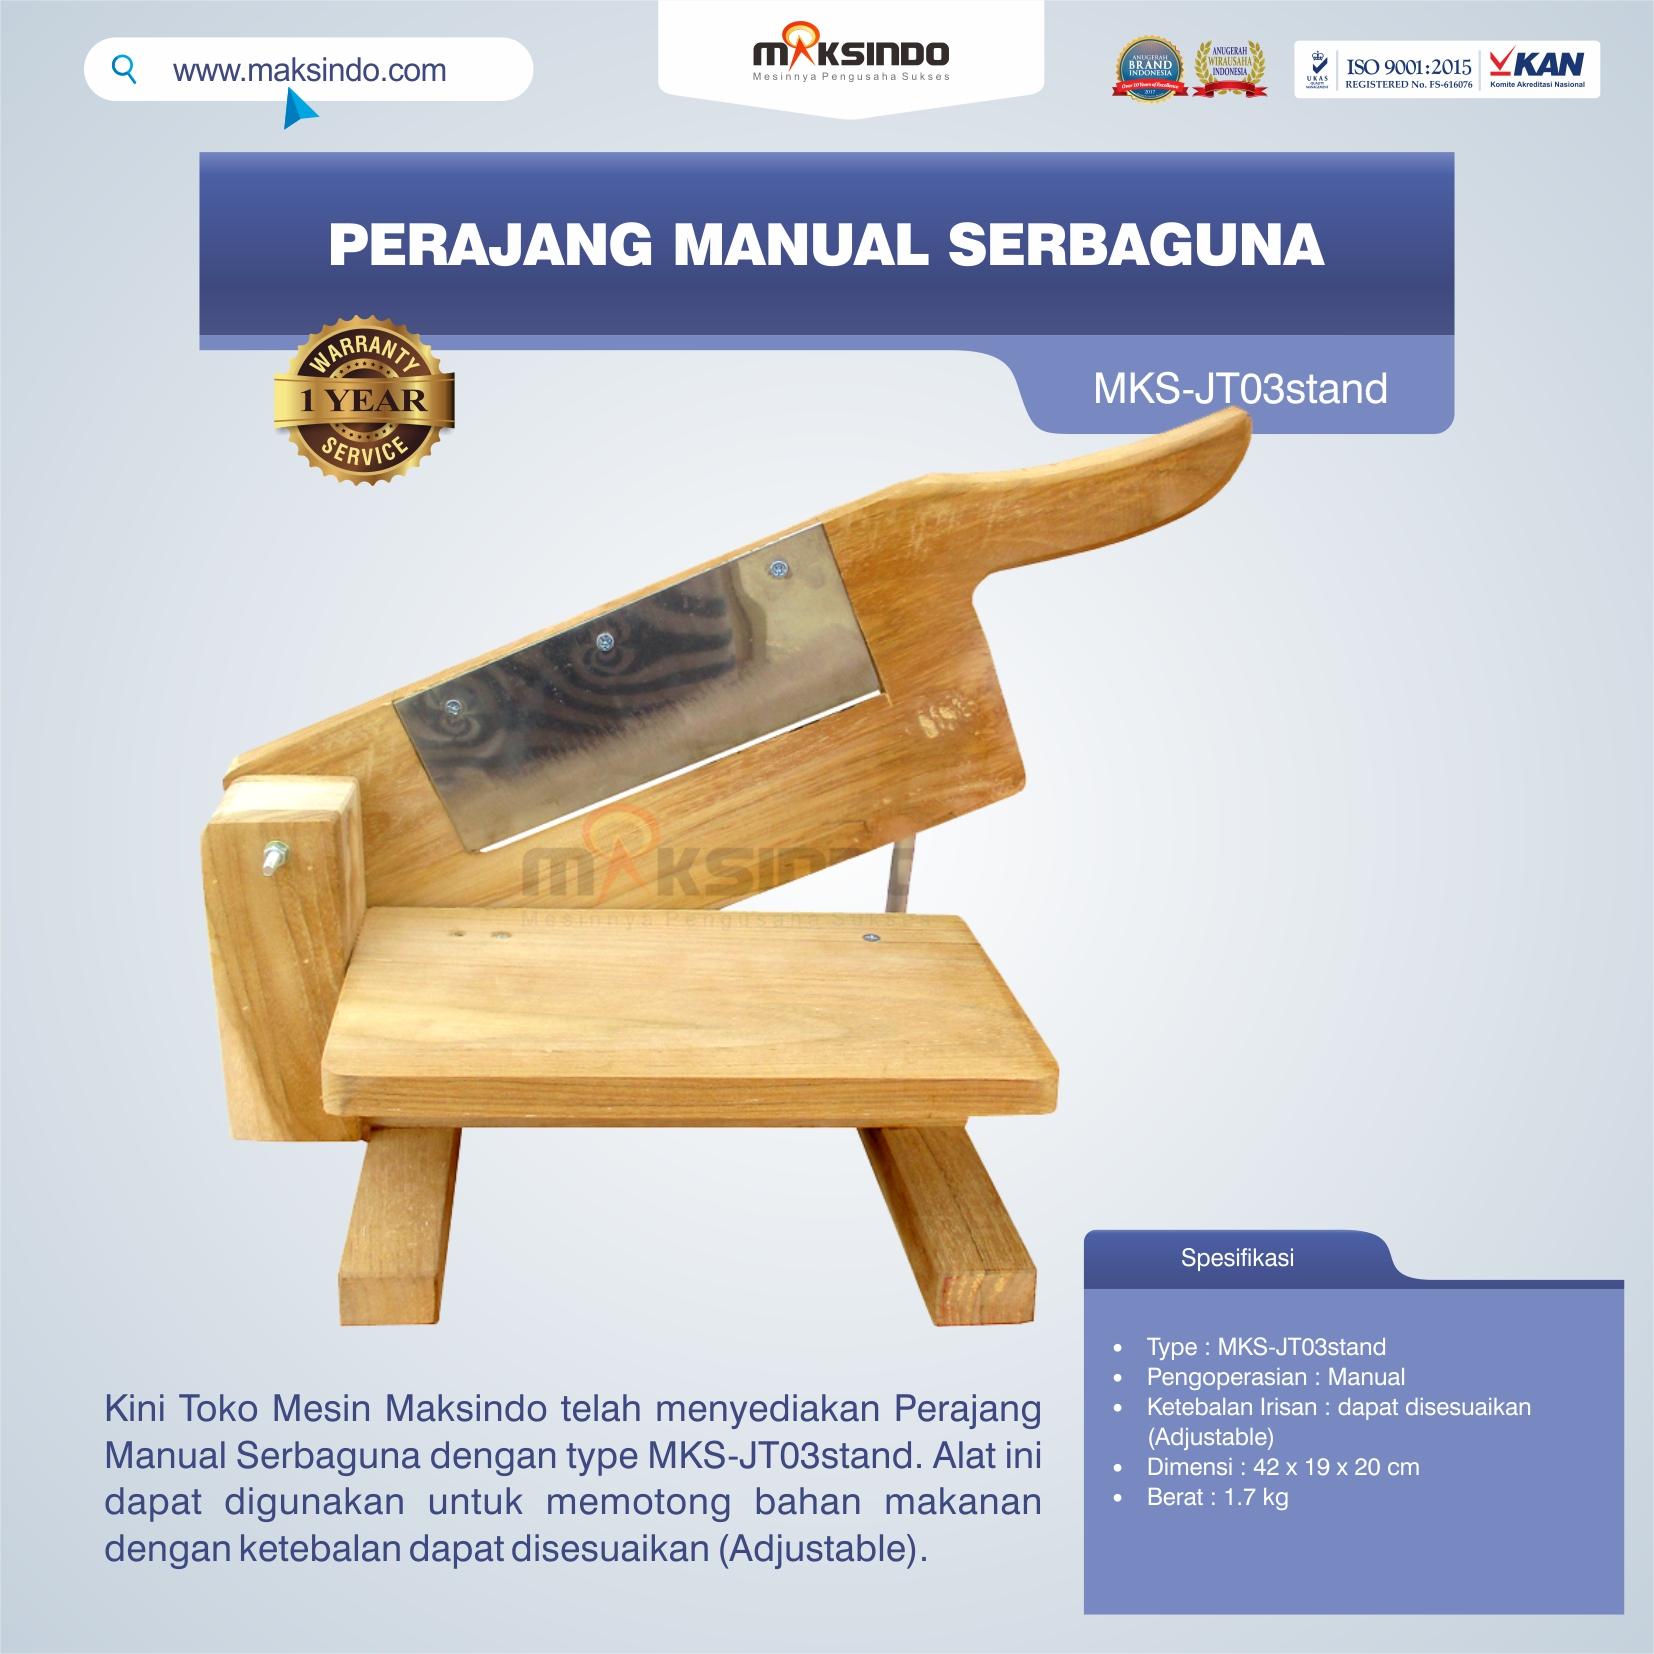 Jual Perajang Manual Serbaguna MKS-JT03stand di Bogor